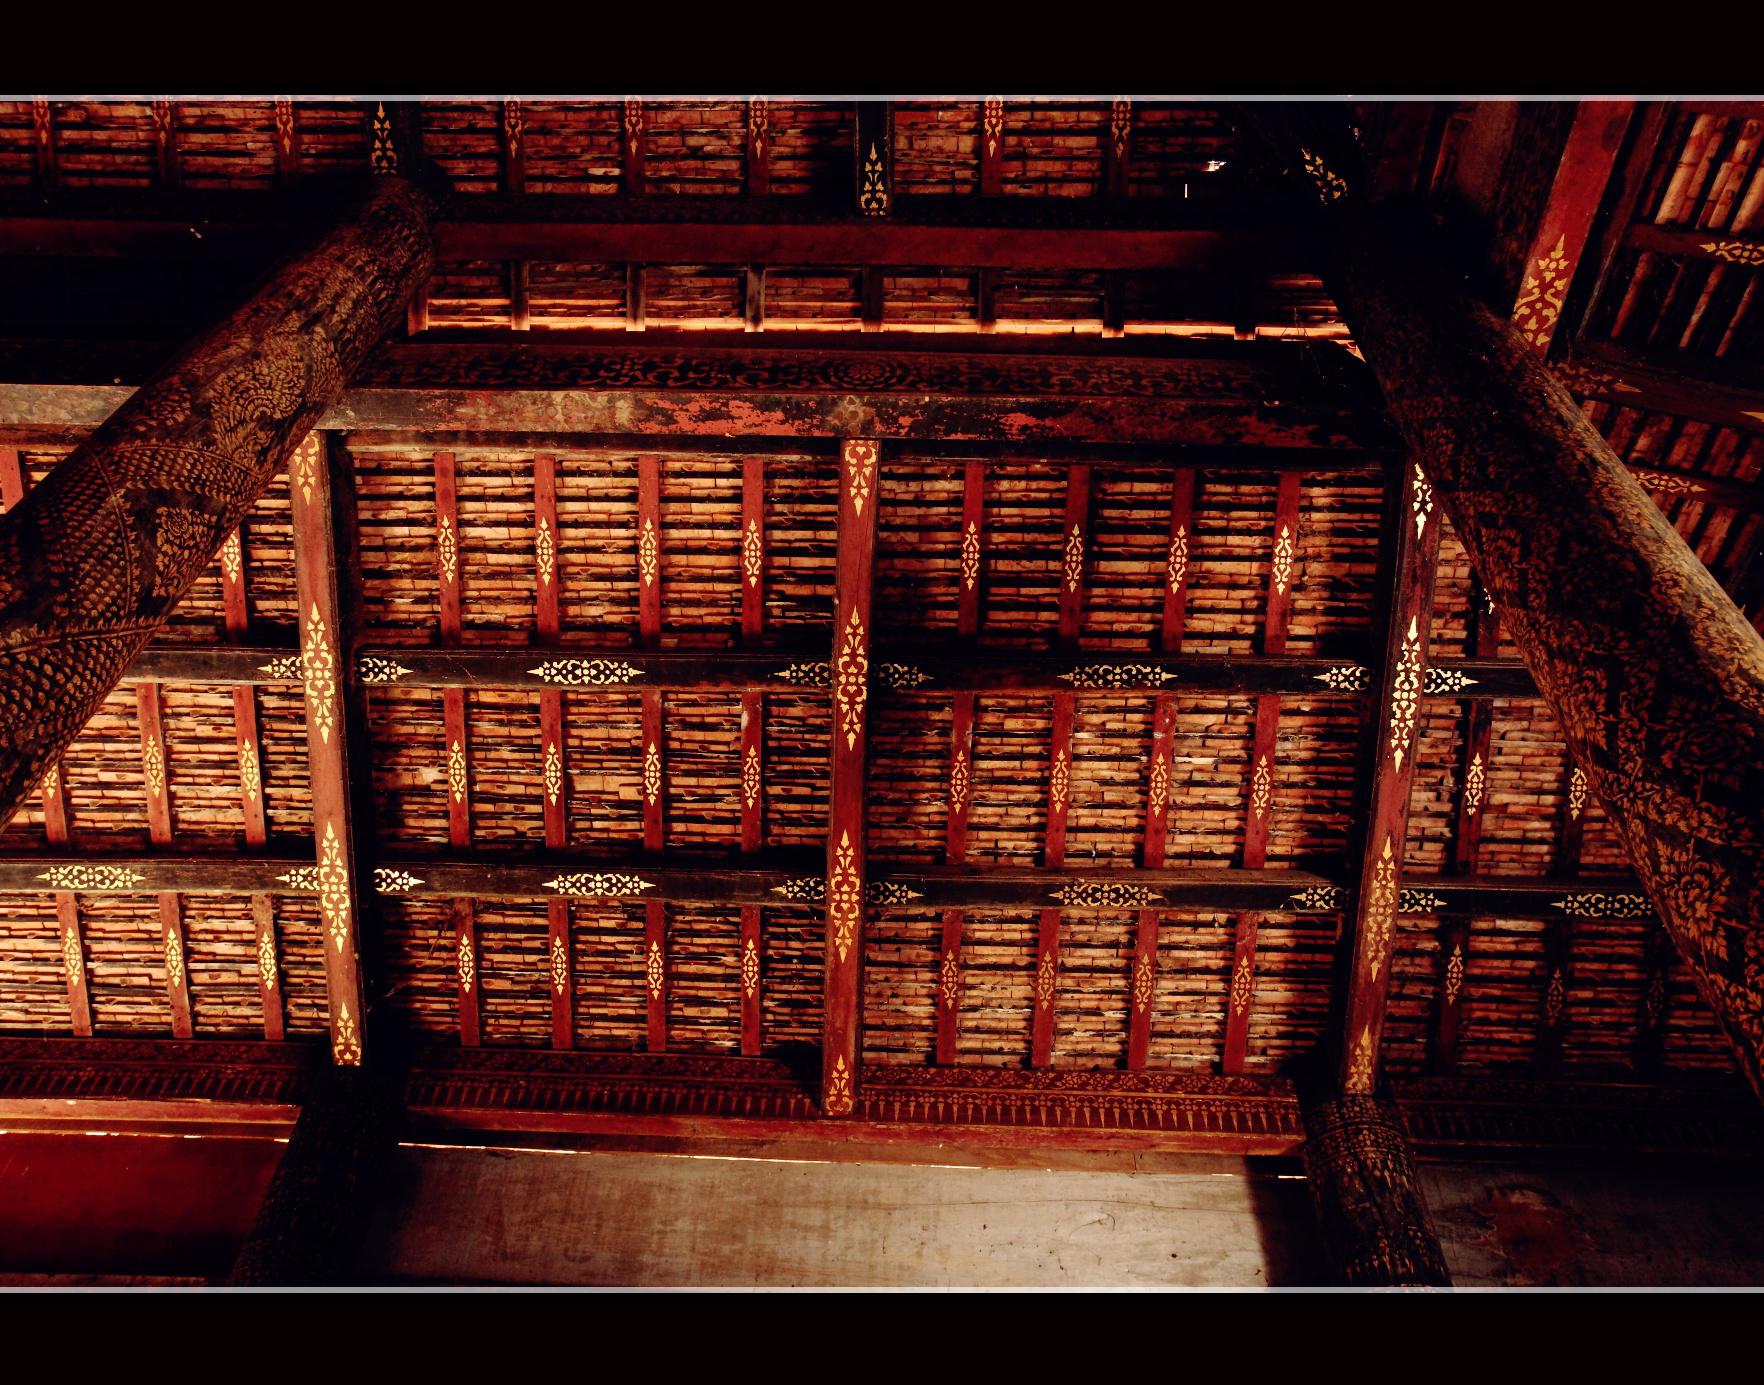 佛堂内部顶端,整齐排列的木结构